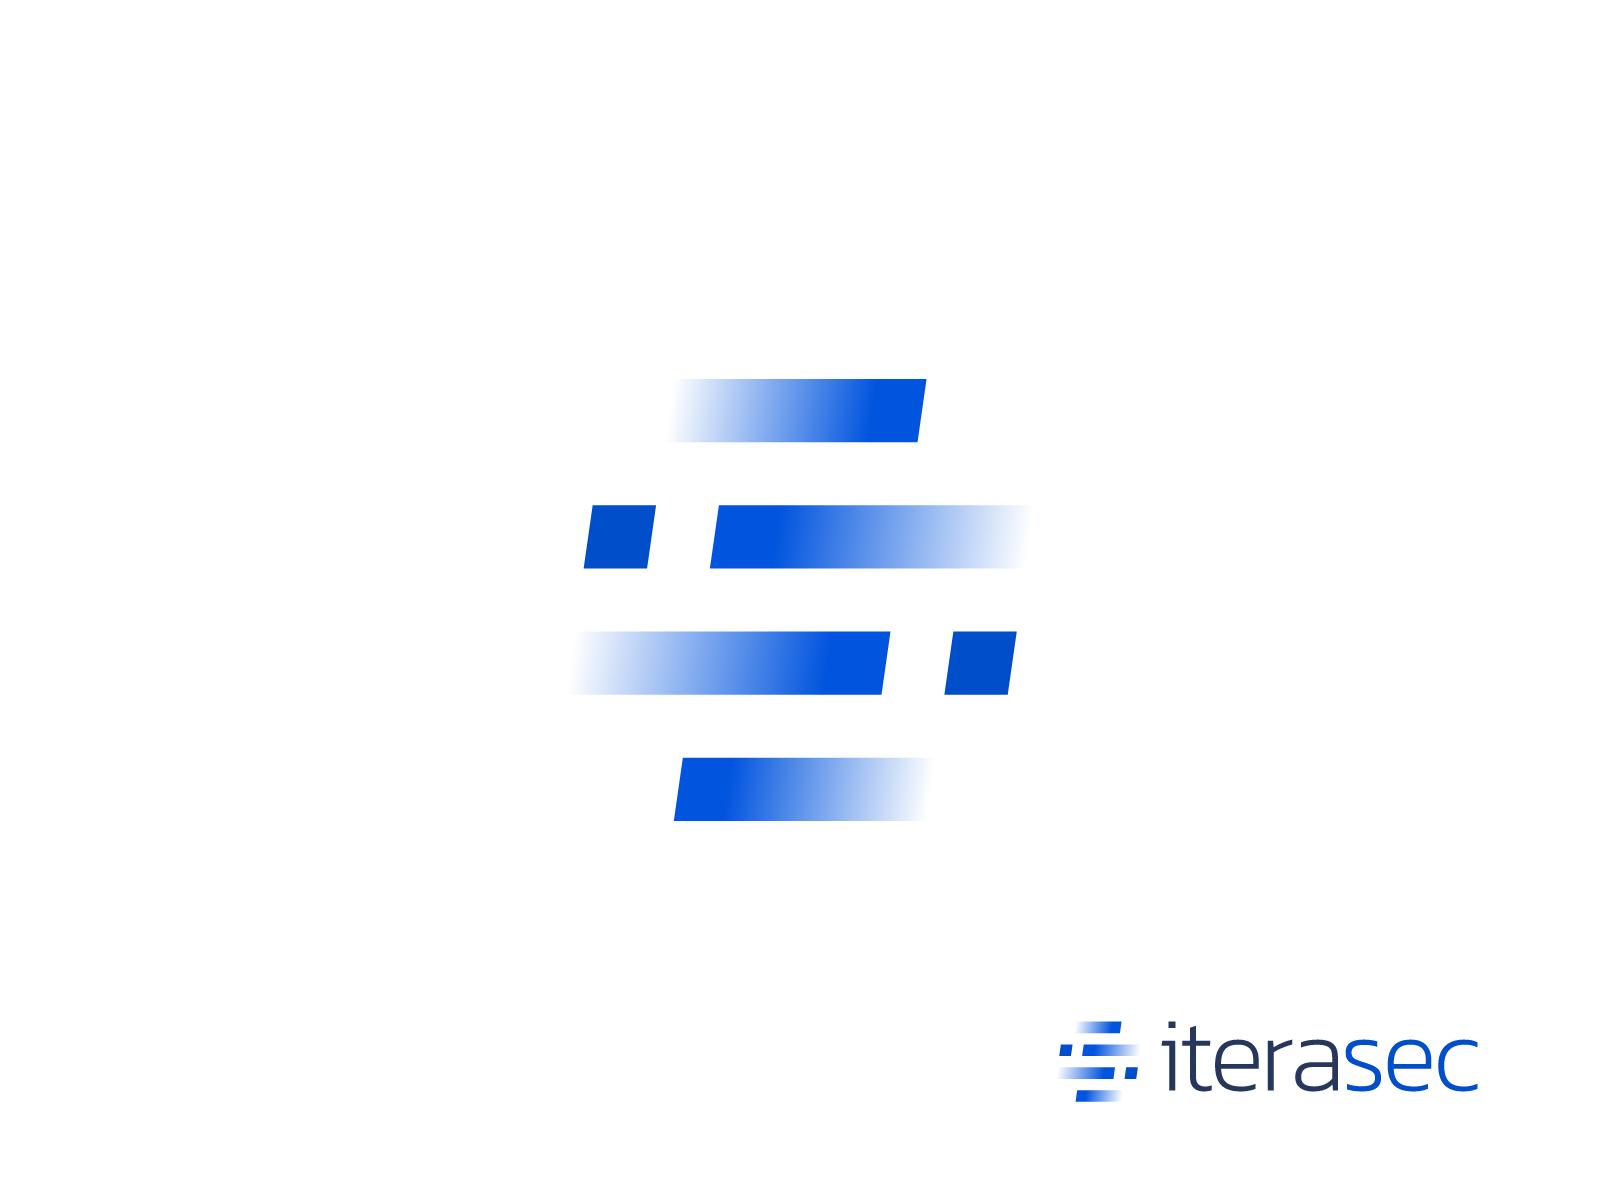 itarasec – Logo Design